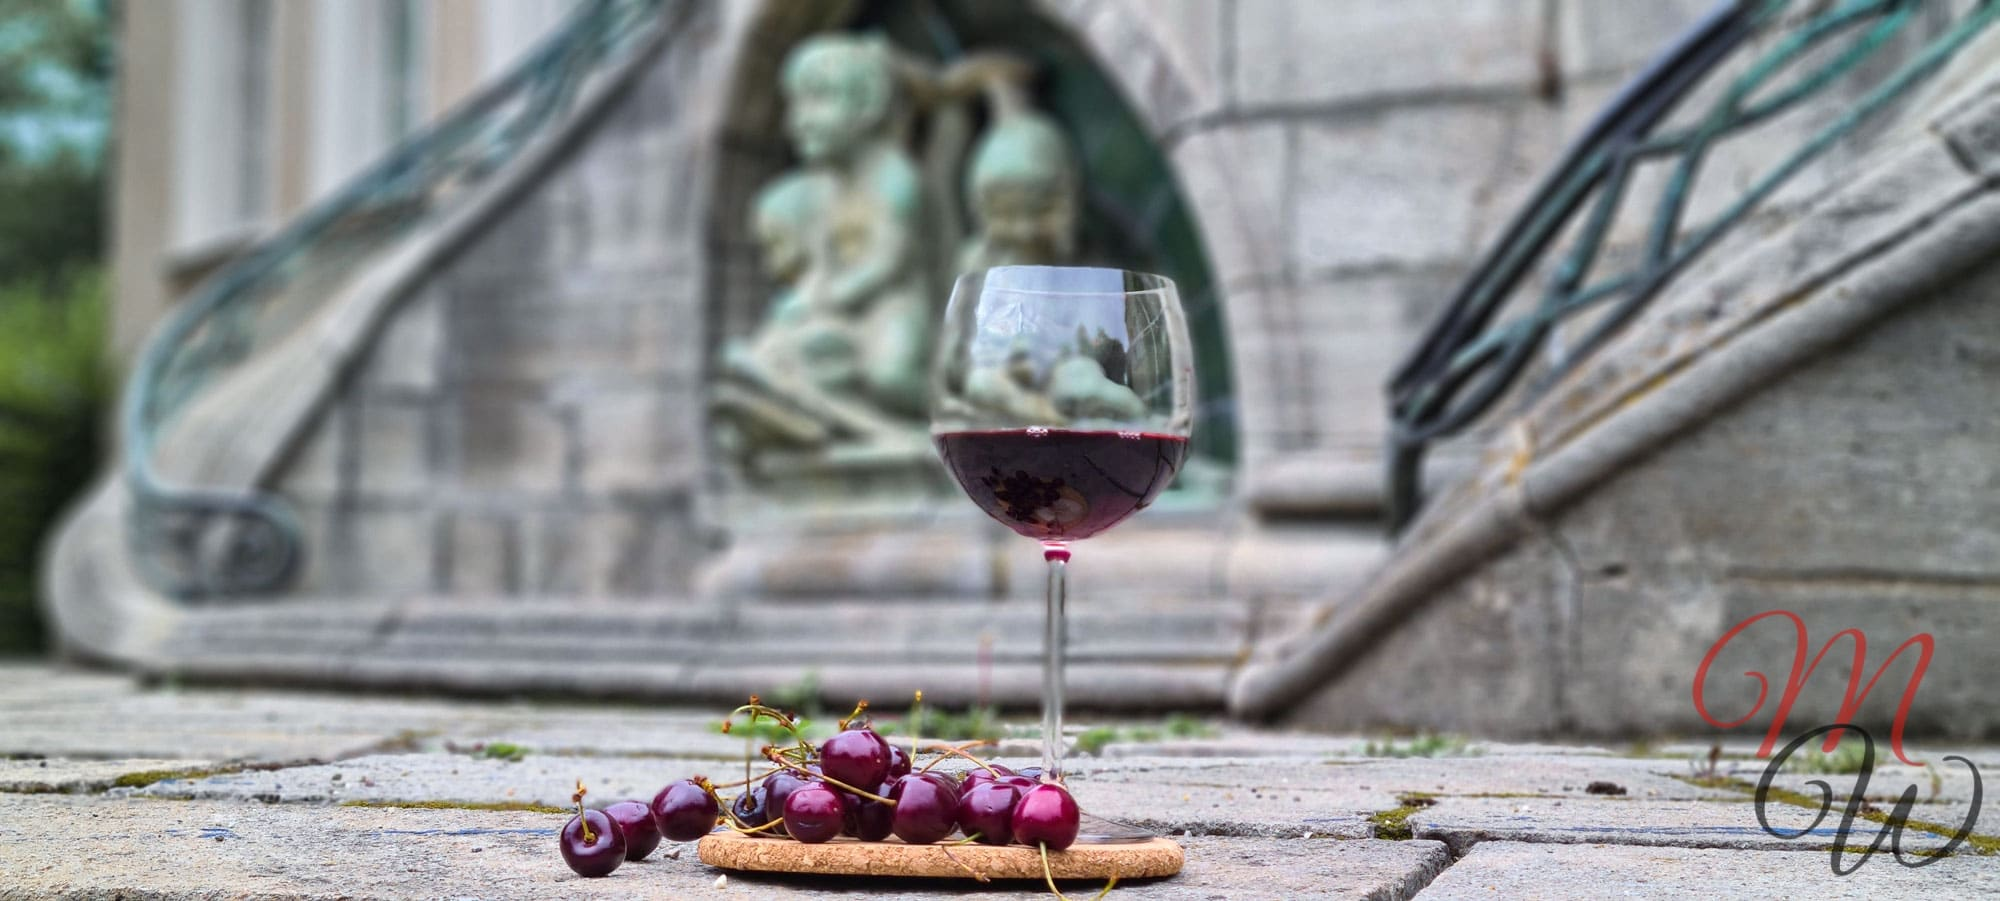 Bordeaux, Kirschen, Wein und Kleider